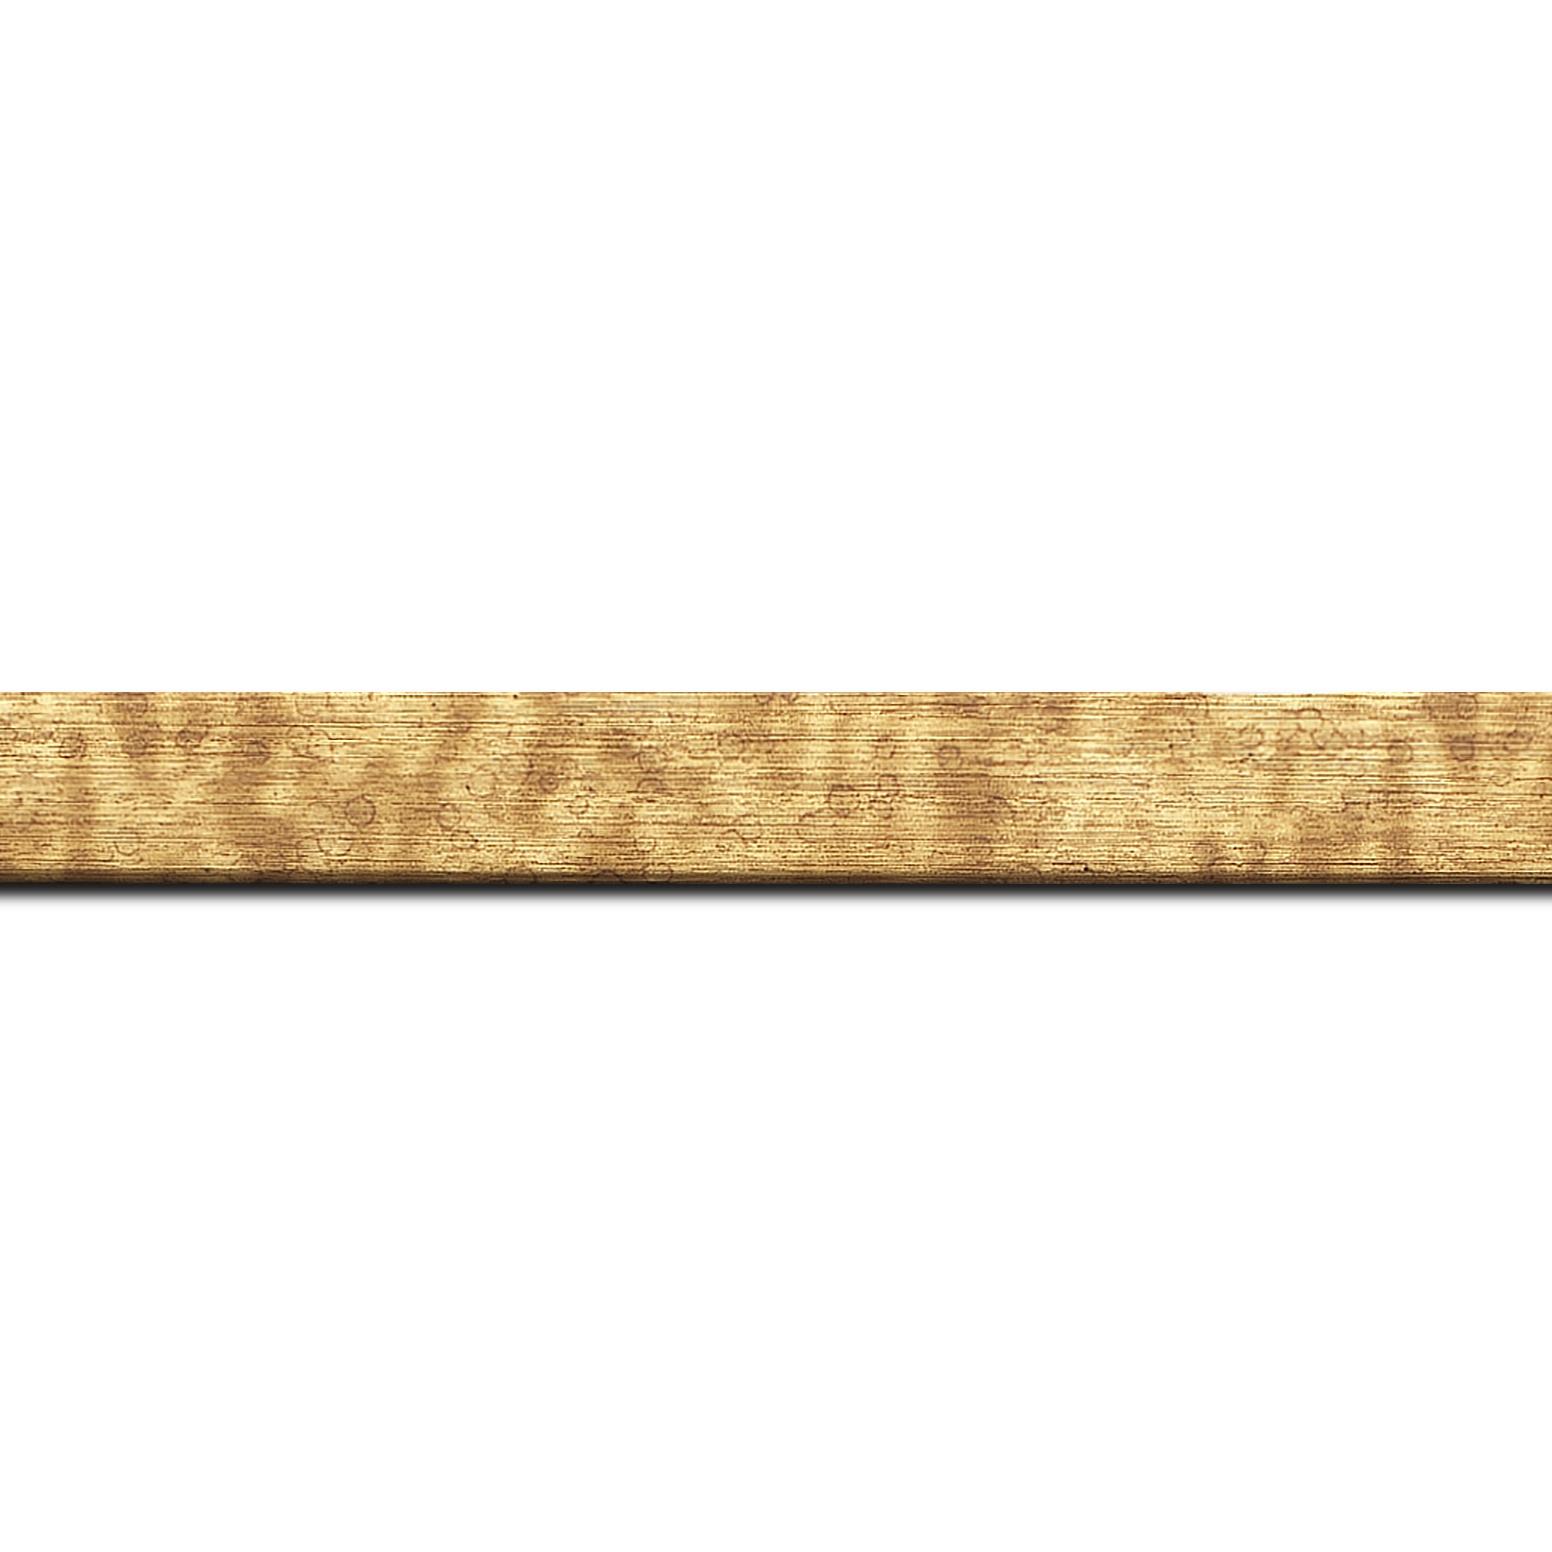 Pack par 12m, bois profil plat effet cube largeur 2cm couleur or  (longueur baguette pouvant varier entre 2.40m et 3m selon arrivage des bois)